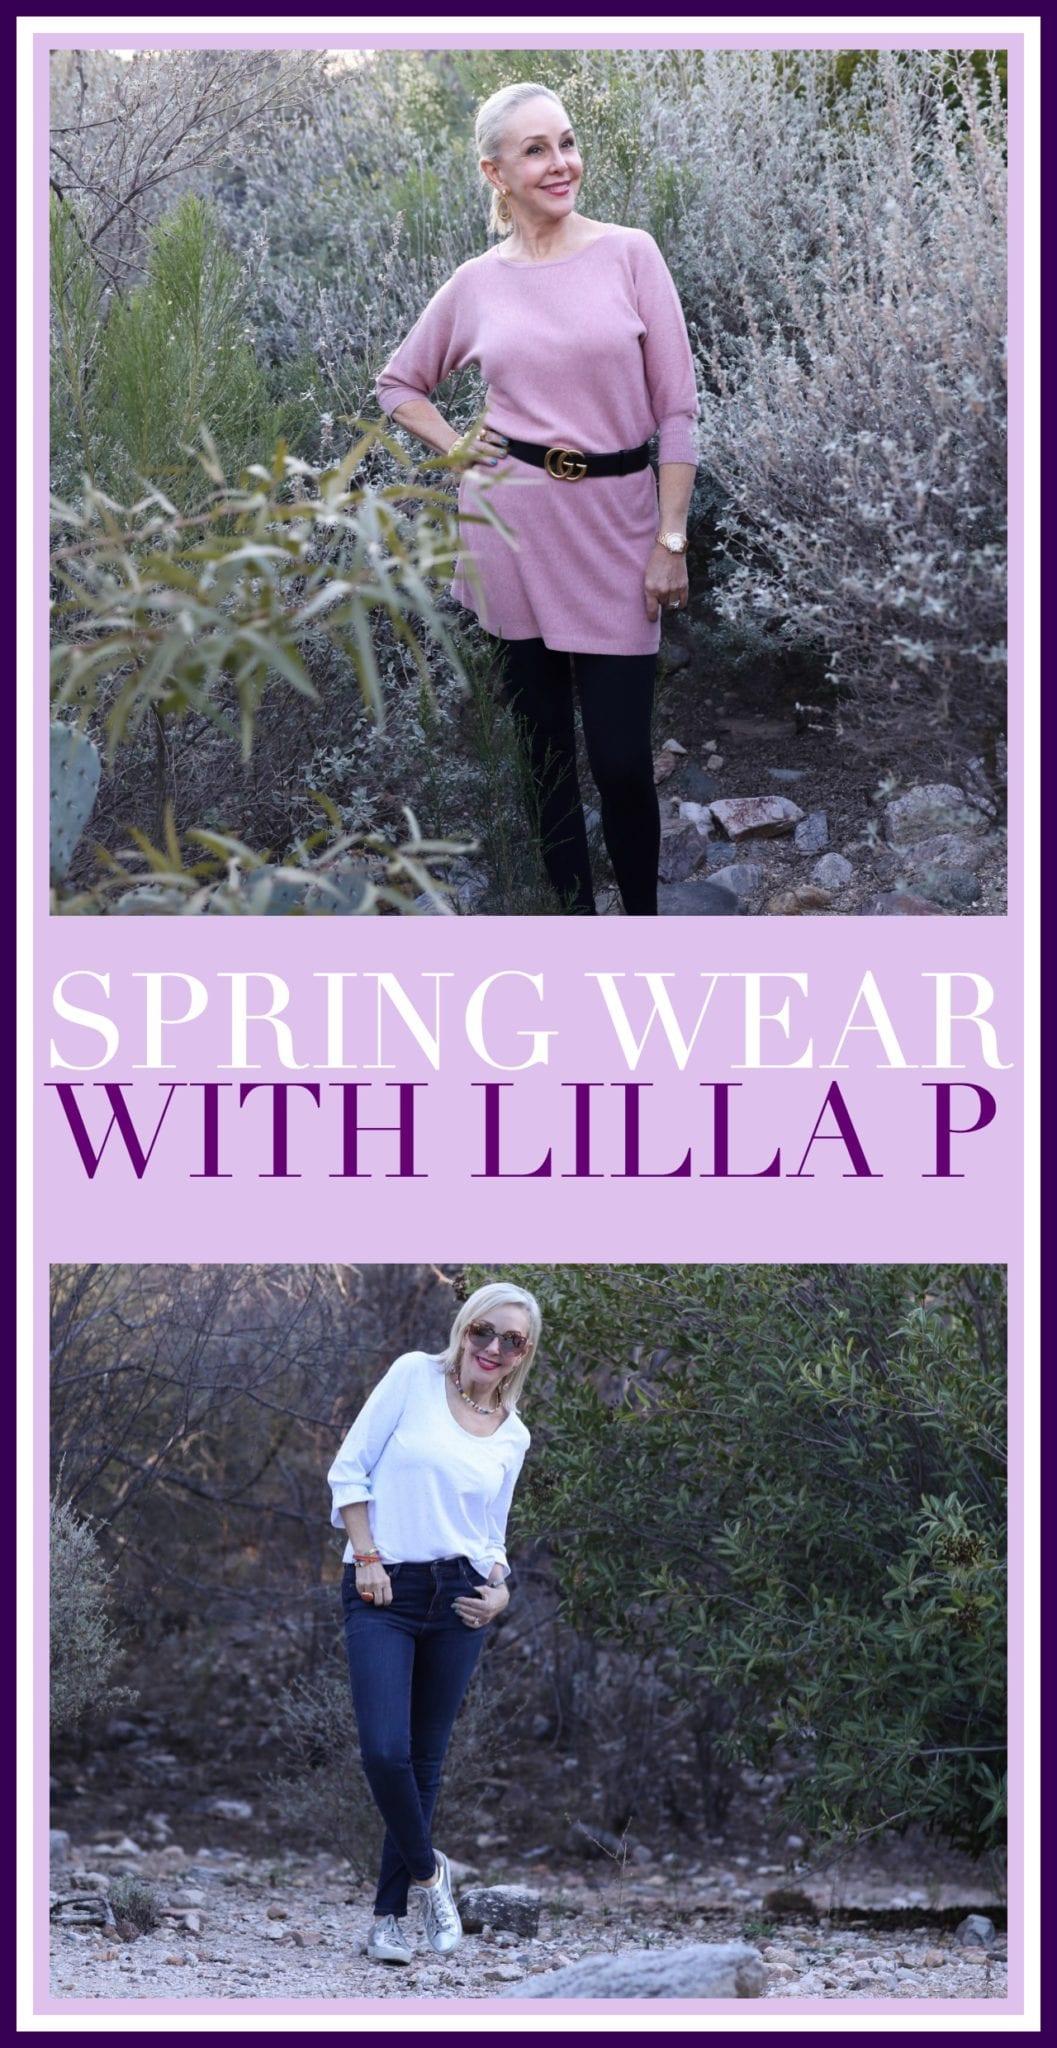 lilla p sale lilla p bloomingdales lilla p sweater lilla p sample sale lilla p dresses lilla p leggings lilla p jacket lilla p origami